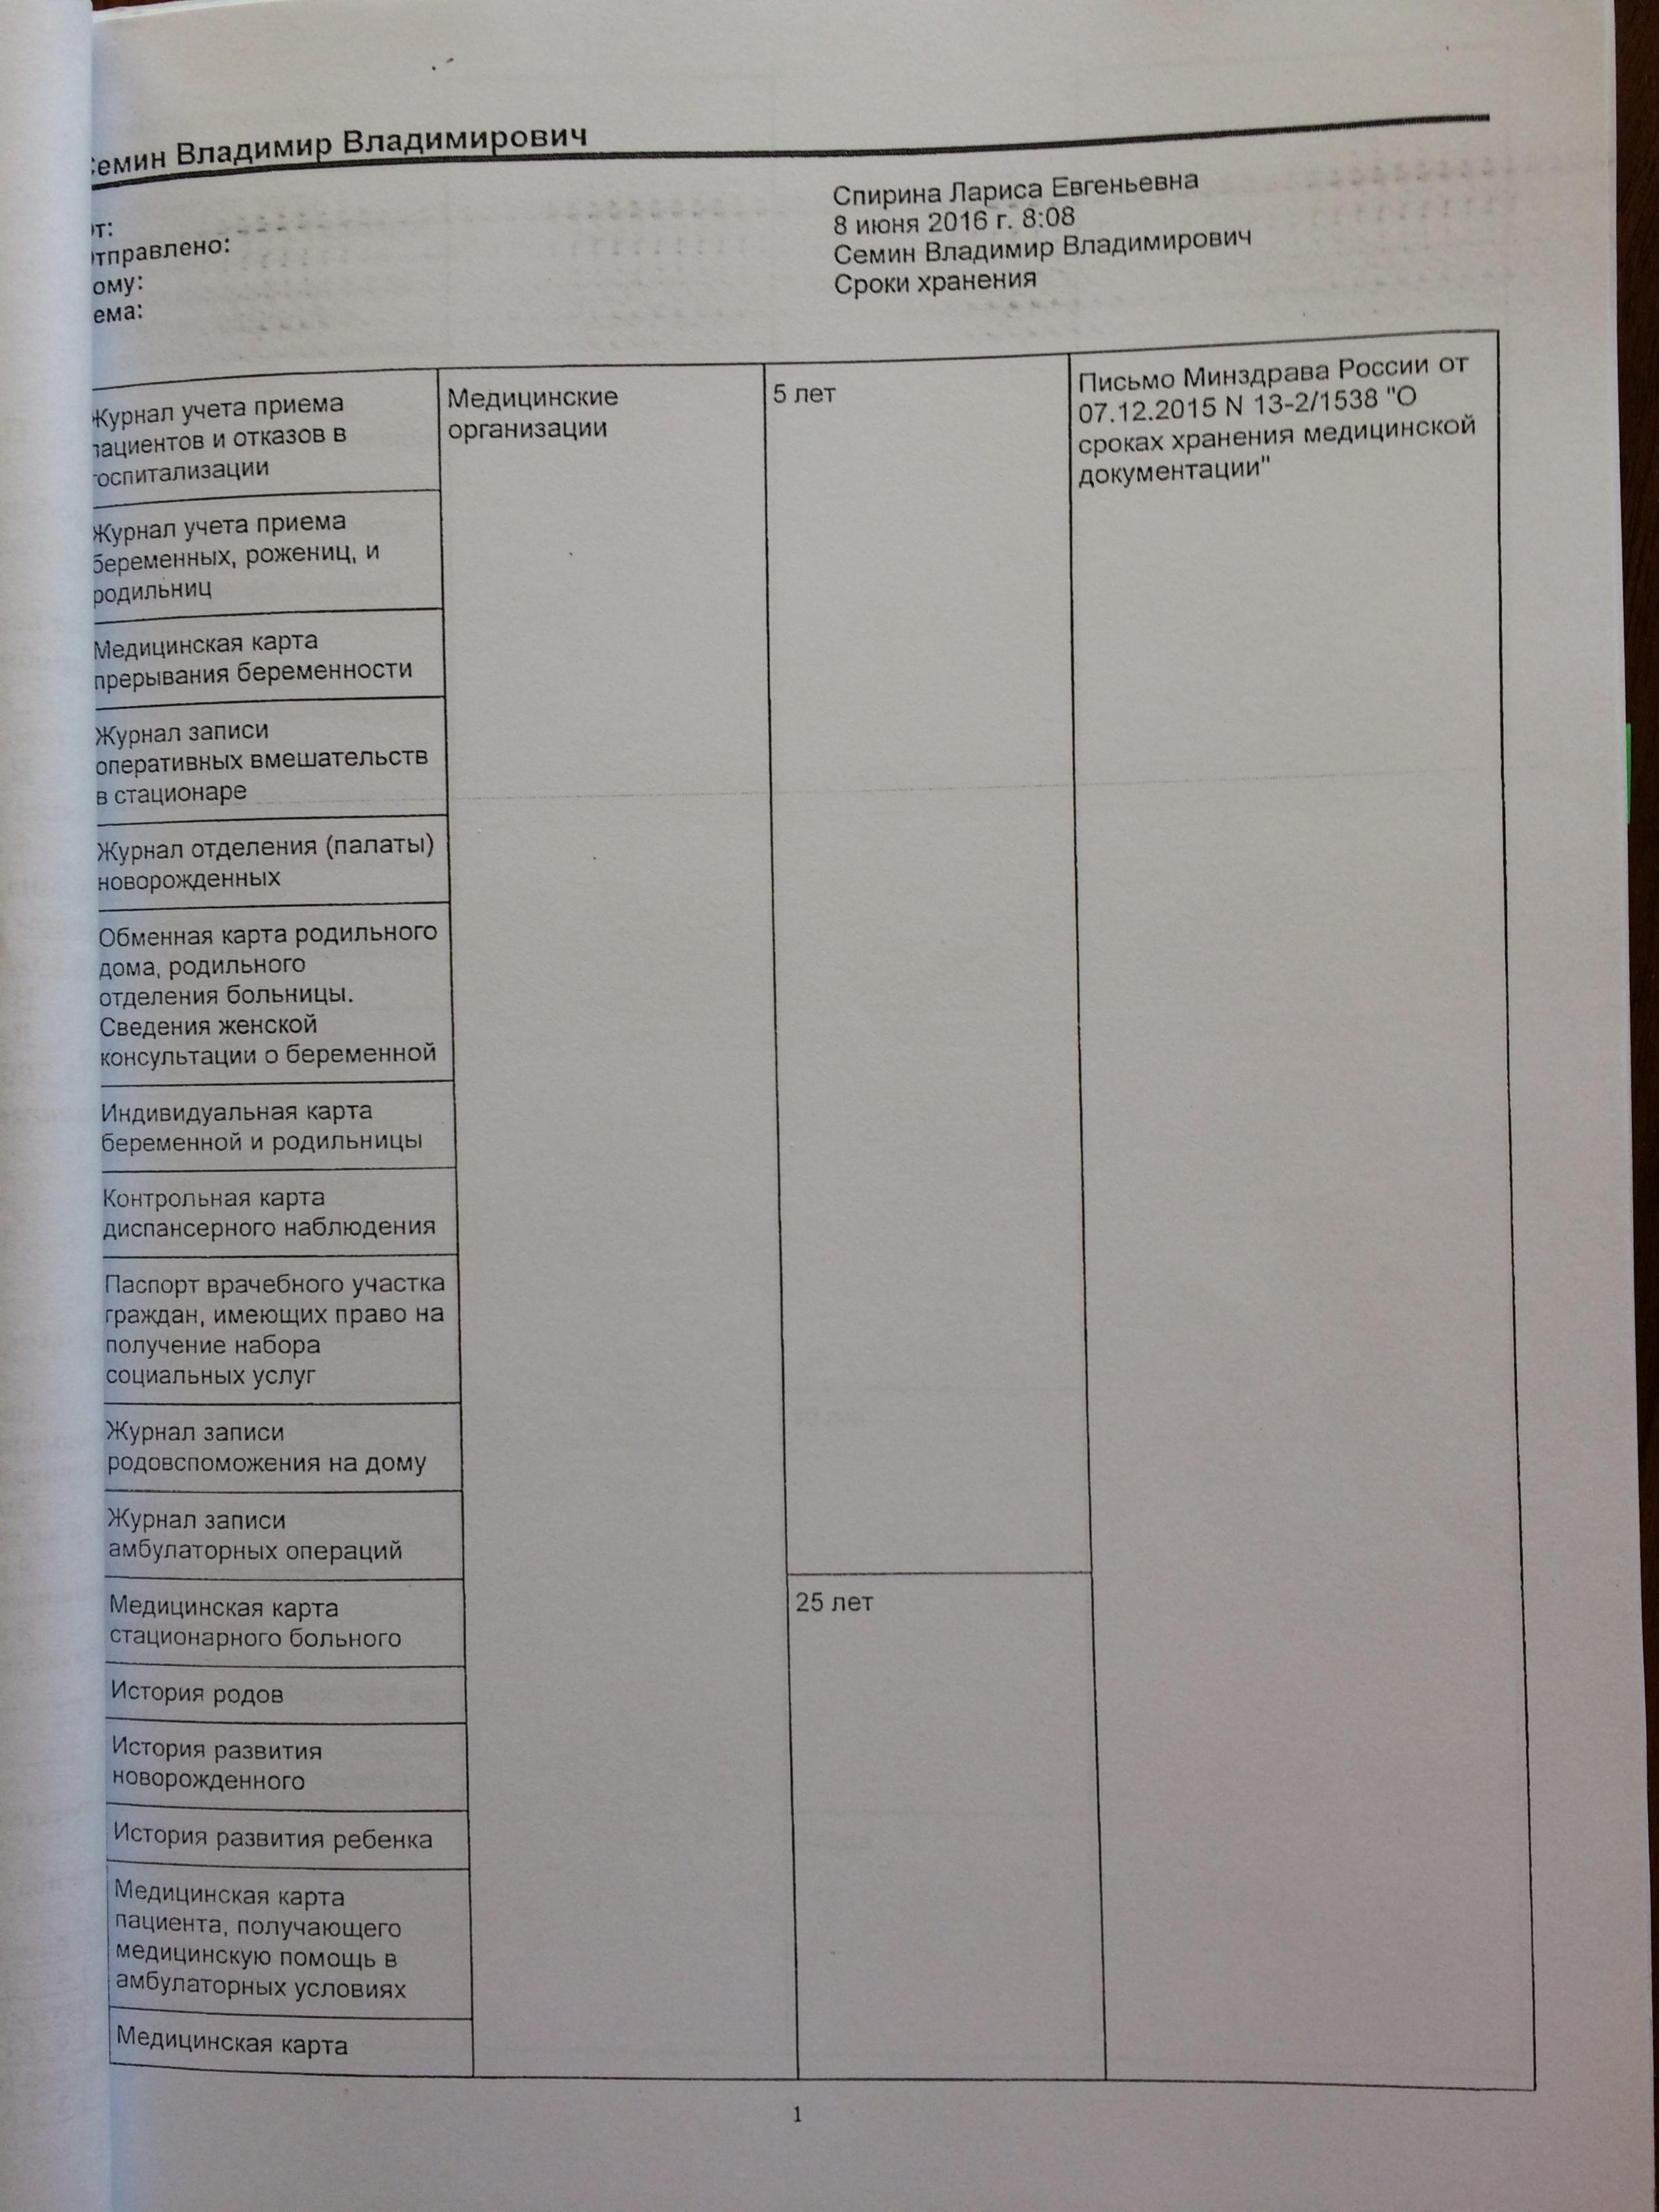 Фото документов проверки Луховицкой городской прокуратурой - 74 (5)